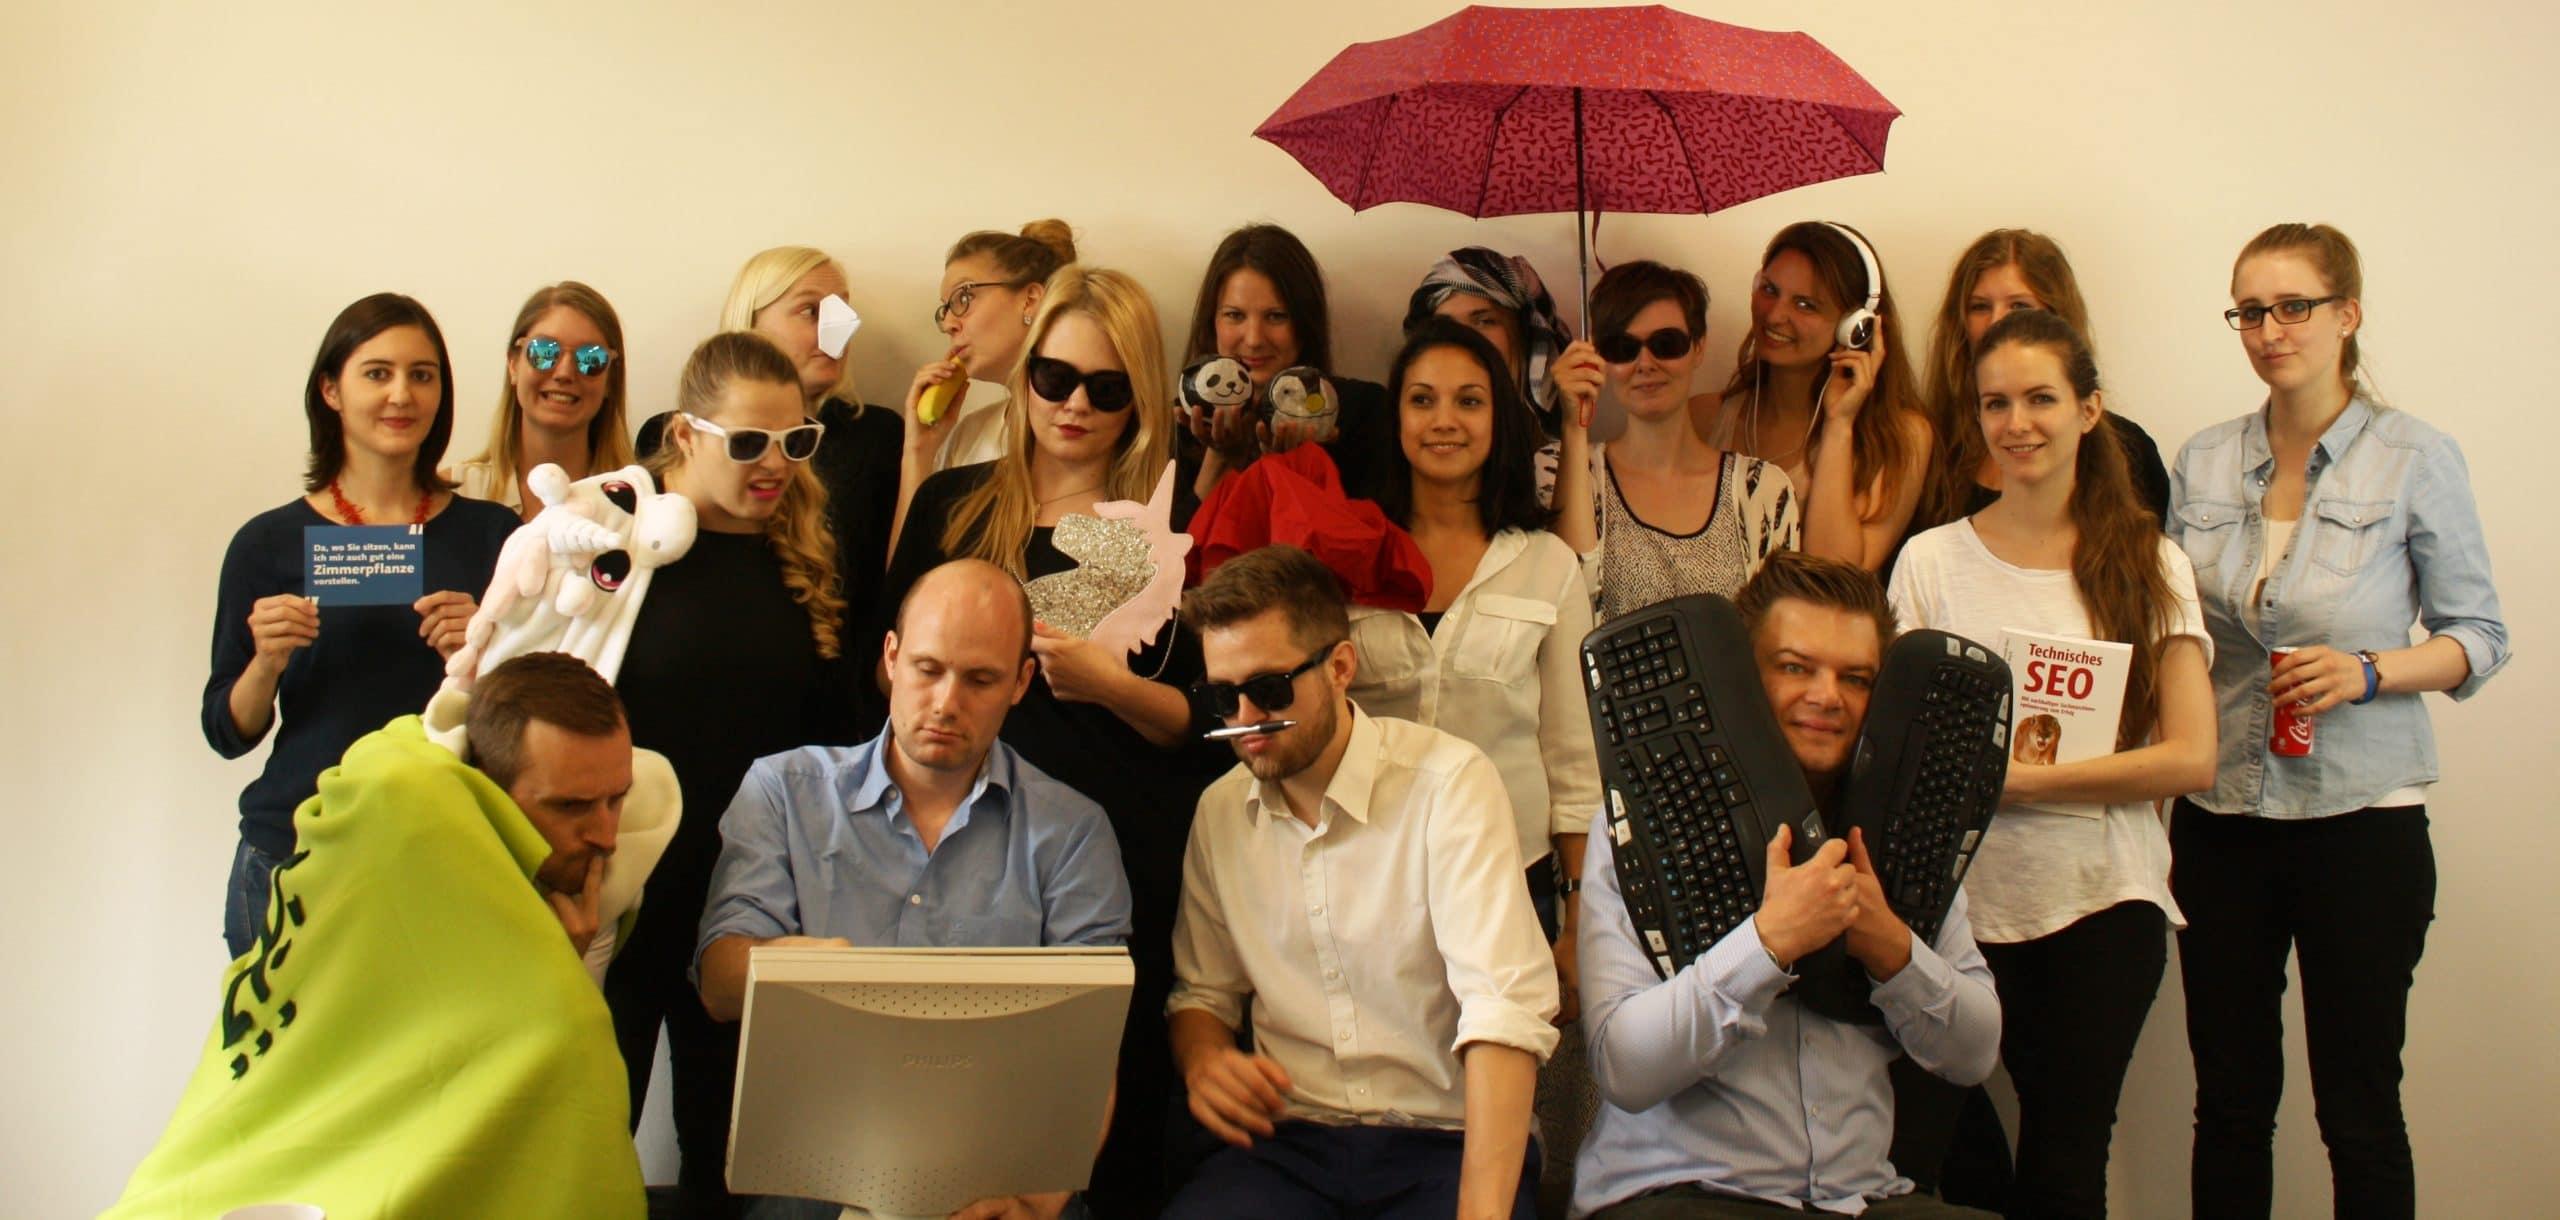 seokratie-teamfoto